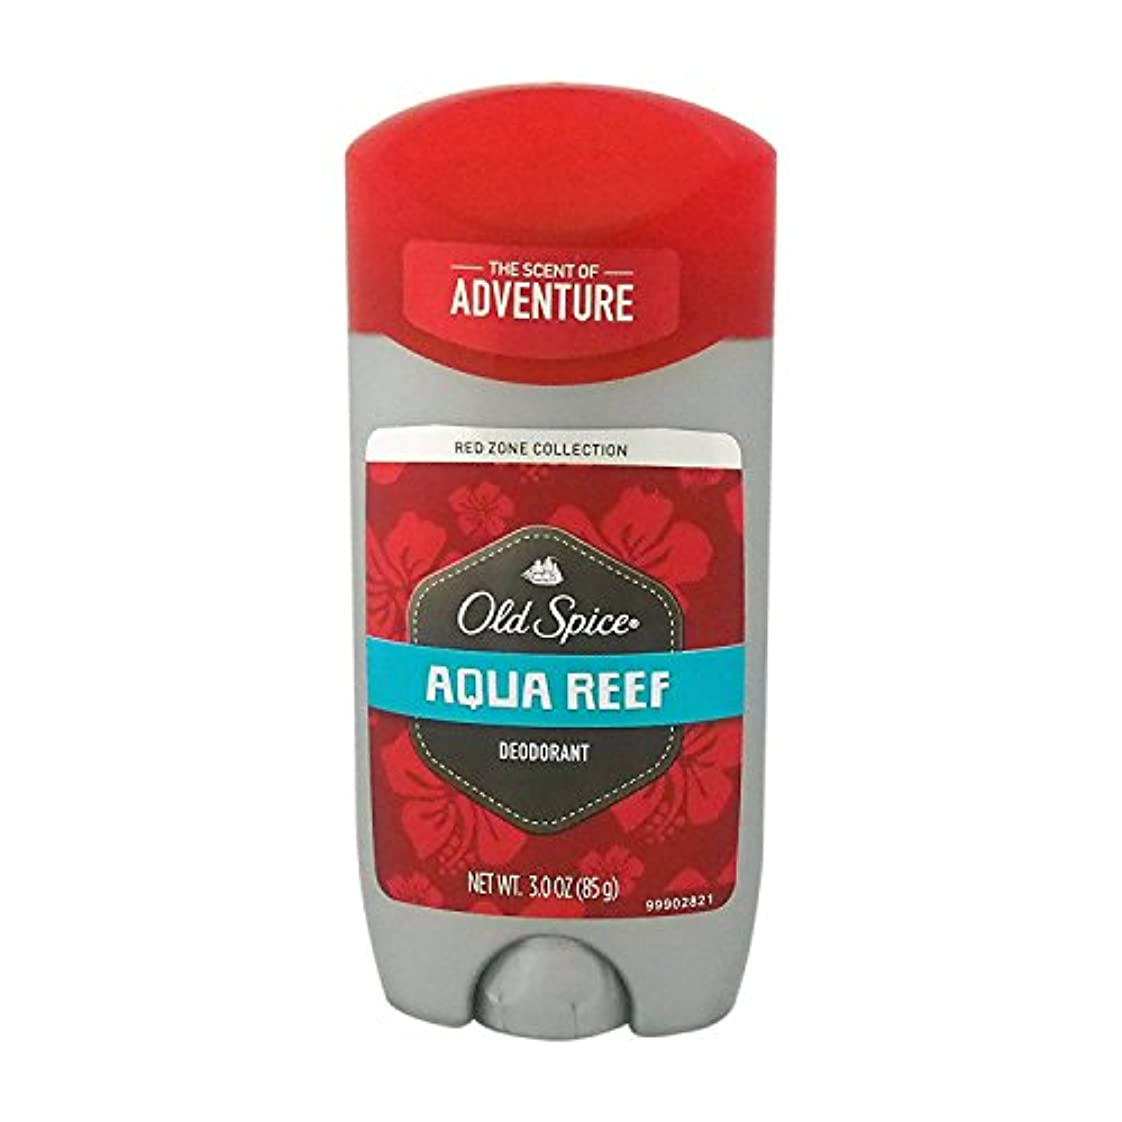 民族主義付添人ティッシュオールドスパイス(Old Spice) RED ZONE COLLECTION アクアリーフ デオドラント 85g[並行輸入品]